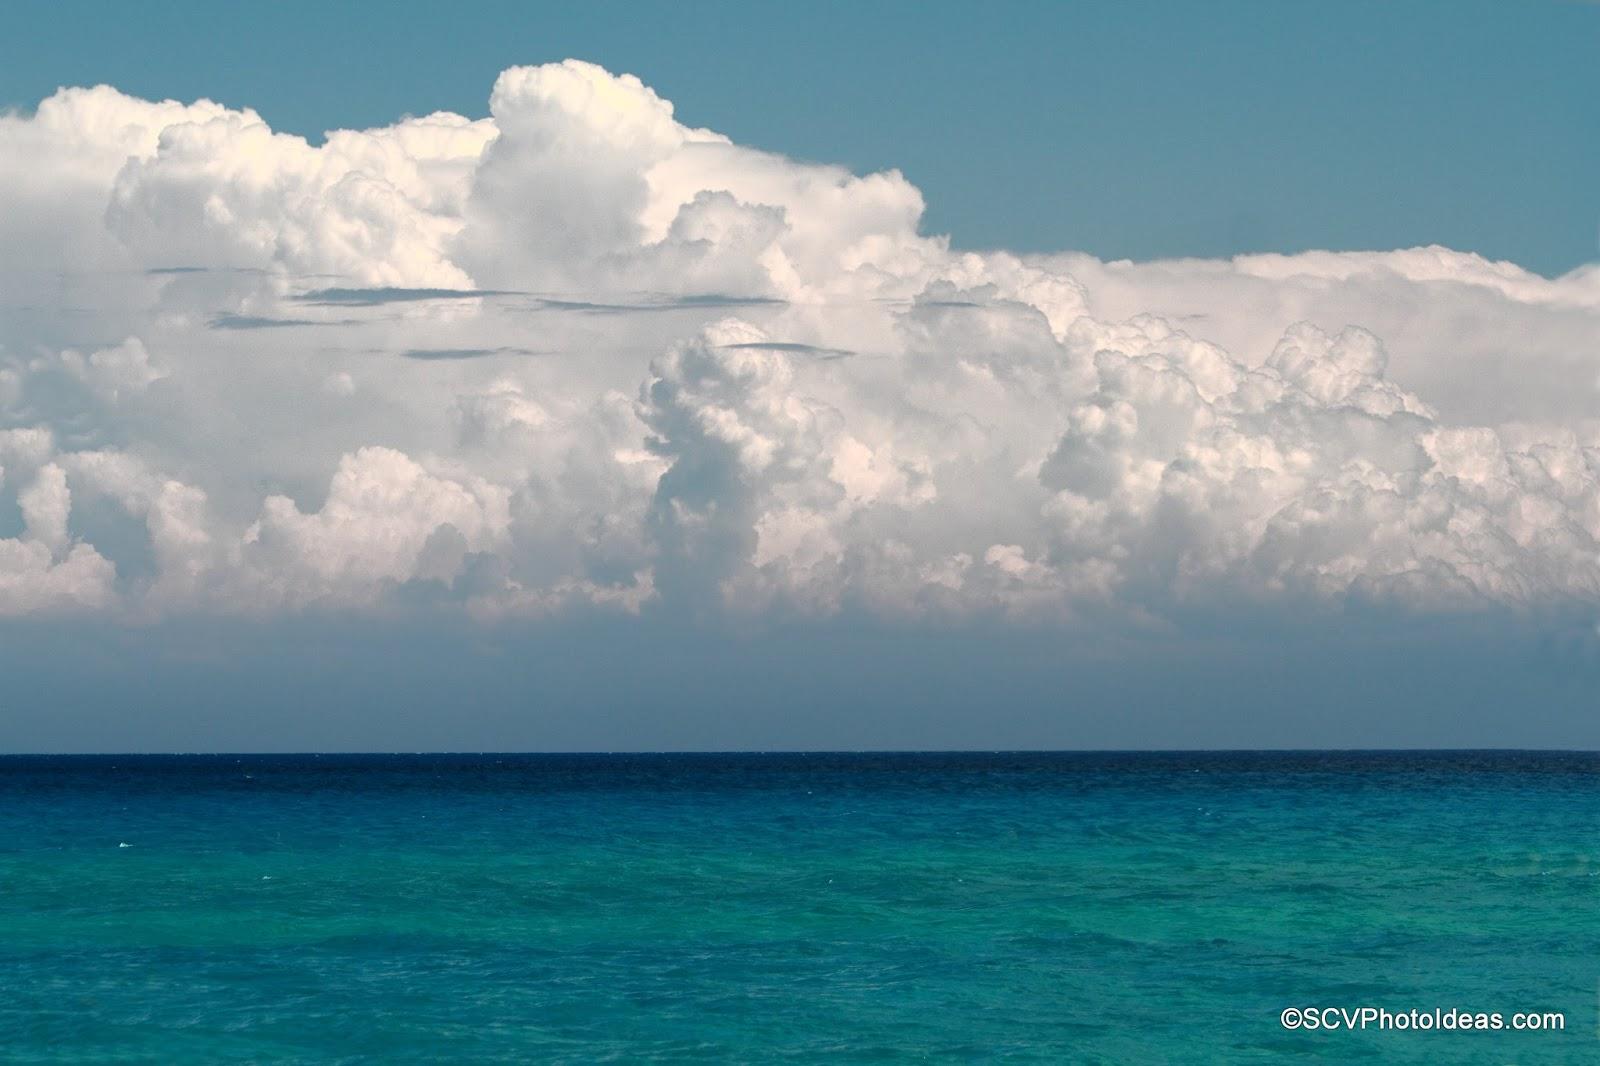 Green Blue Sea Waters at Skala Kefalonia IV